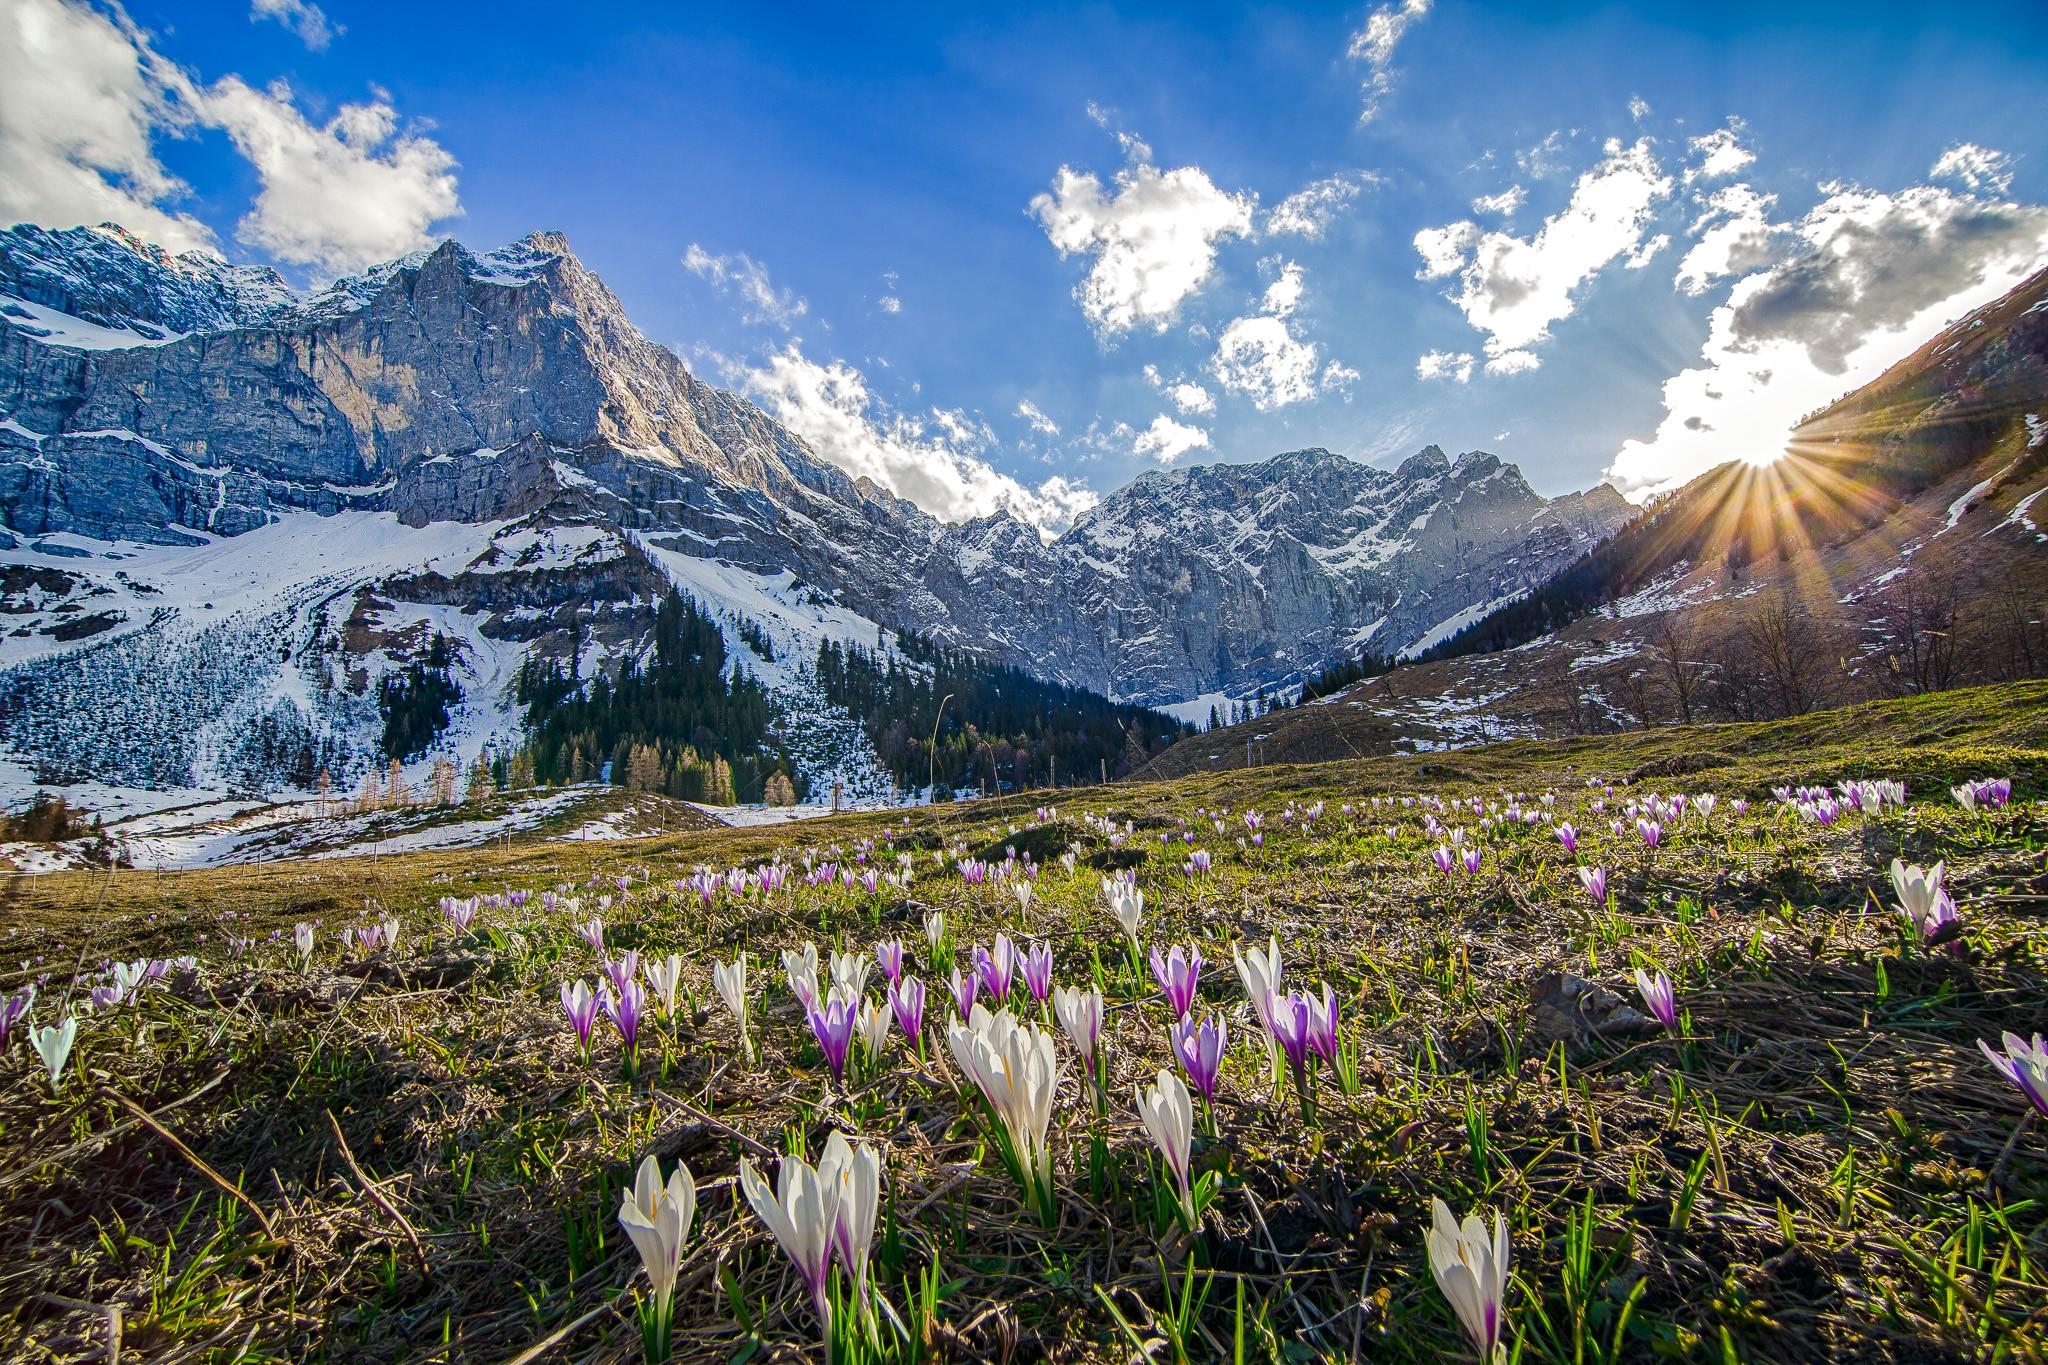 Krokuswiese in der Eng bei Sonnenuntergang, die Sonne kratzt noch am Bergrücken, gleich wird es kalt. Der Schnee bleibt bis Ende April am großen Ahornboden im Karwendel liegen.